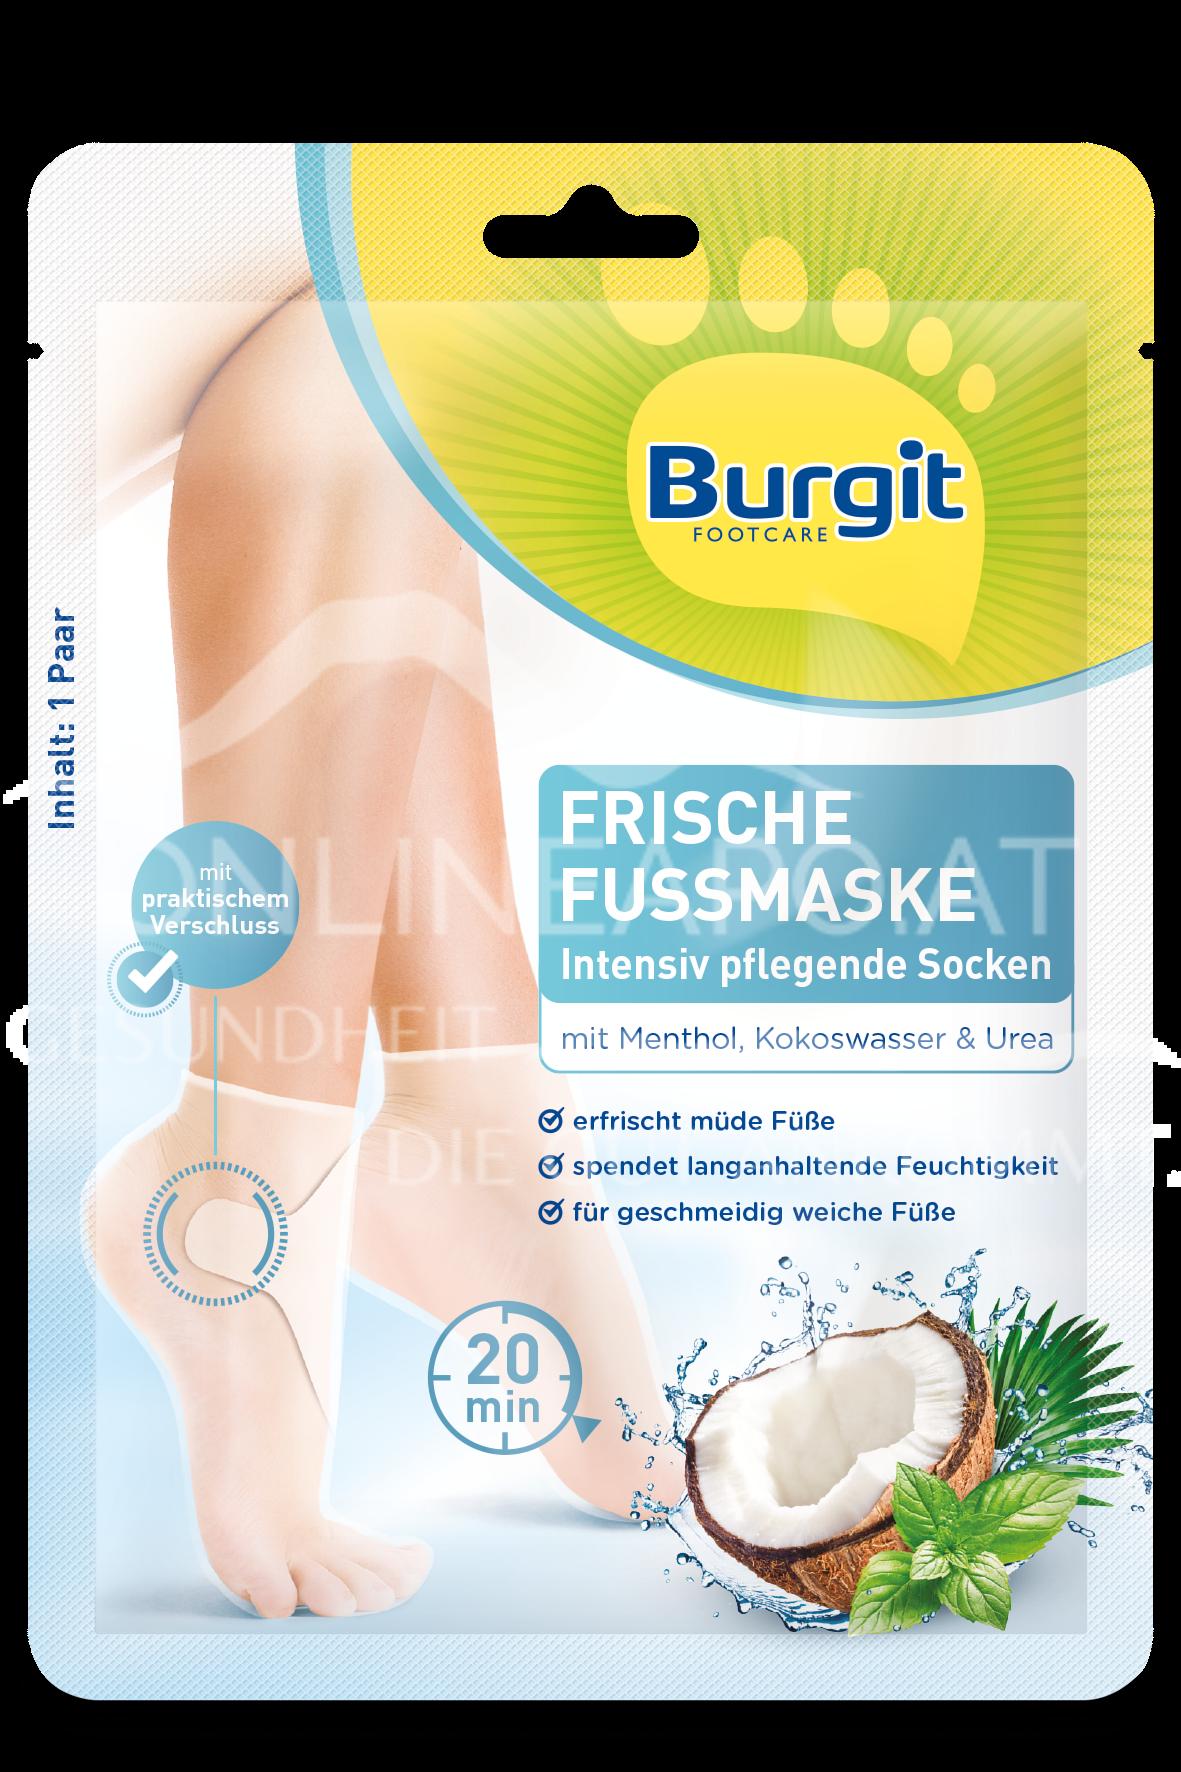 Burgit Footcare Frische Fußmaskensocken